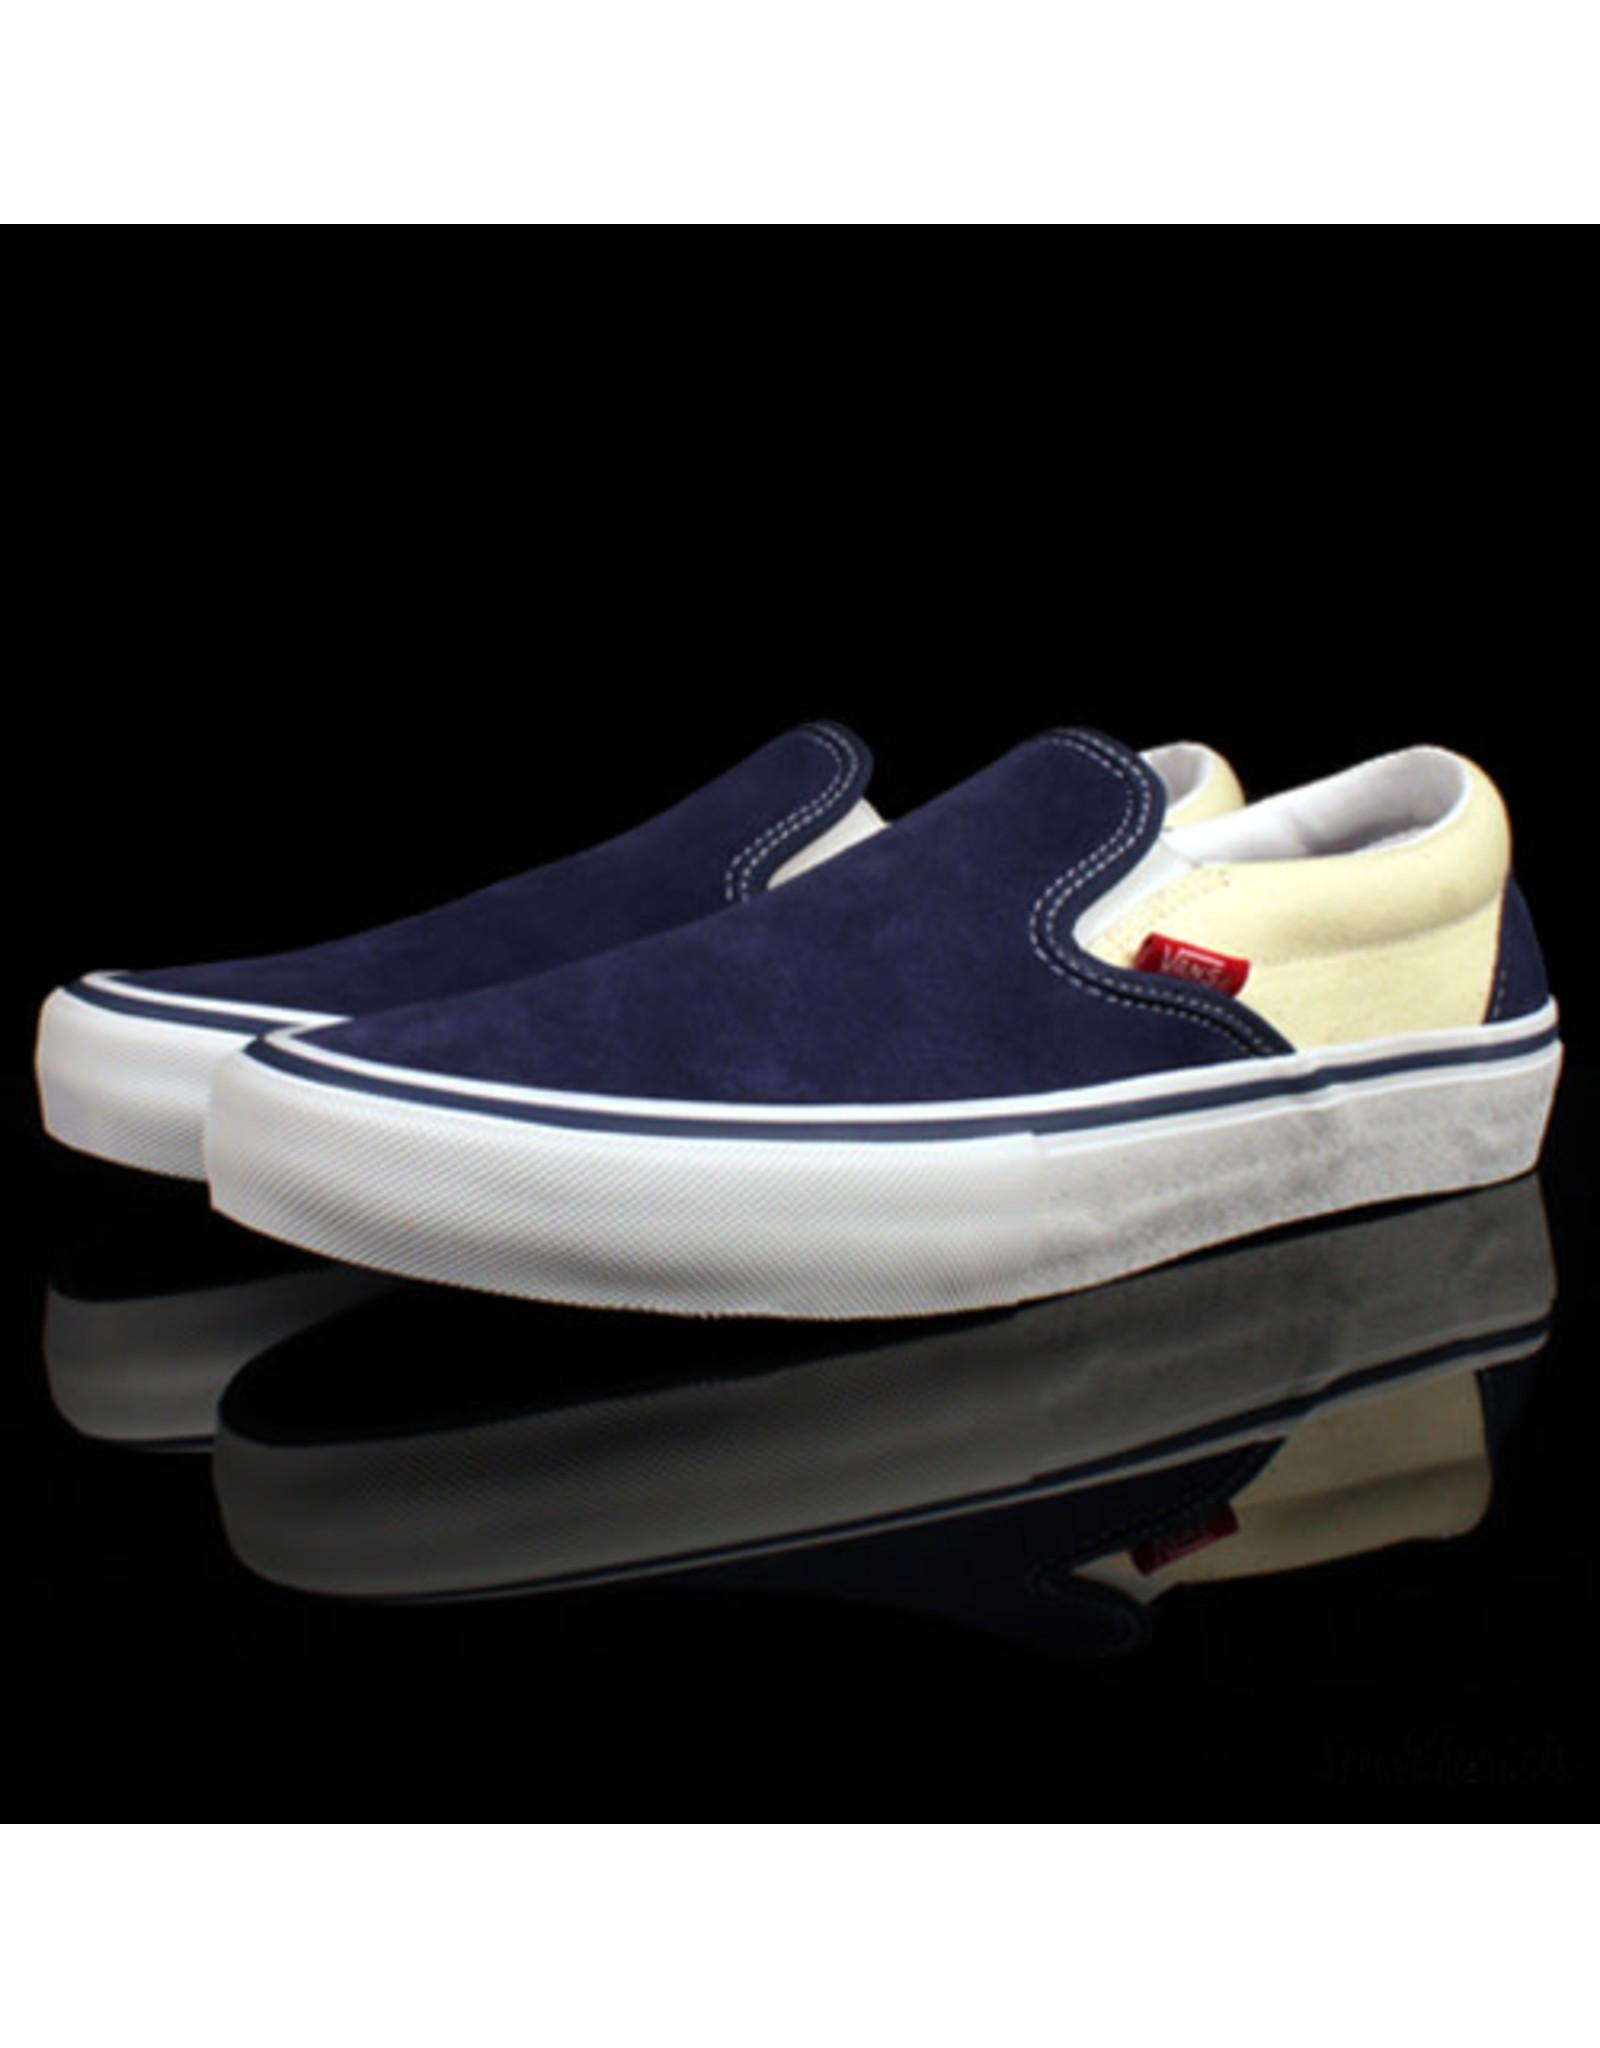 VANS Vans Slip On Pro Navy Classic White